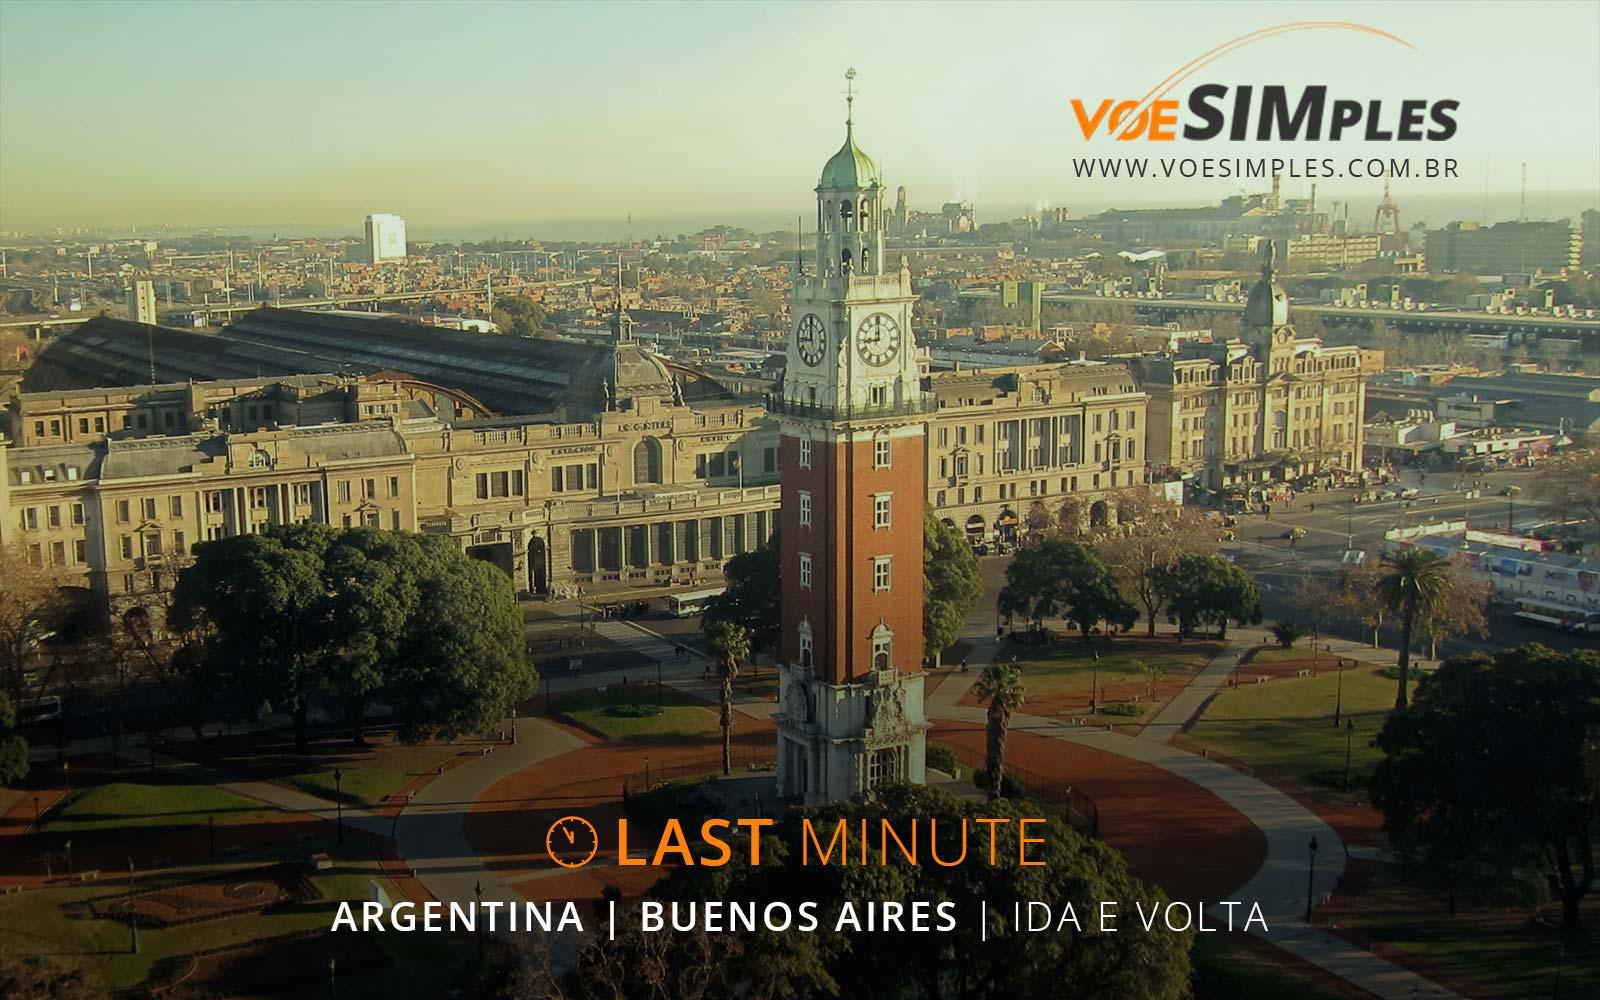 Oferta relâmpago! Passagens aéreas baratas de São Paulo para Buenos Aires: ida e volta a partir de R$ 363,00 para voar hoje!